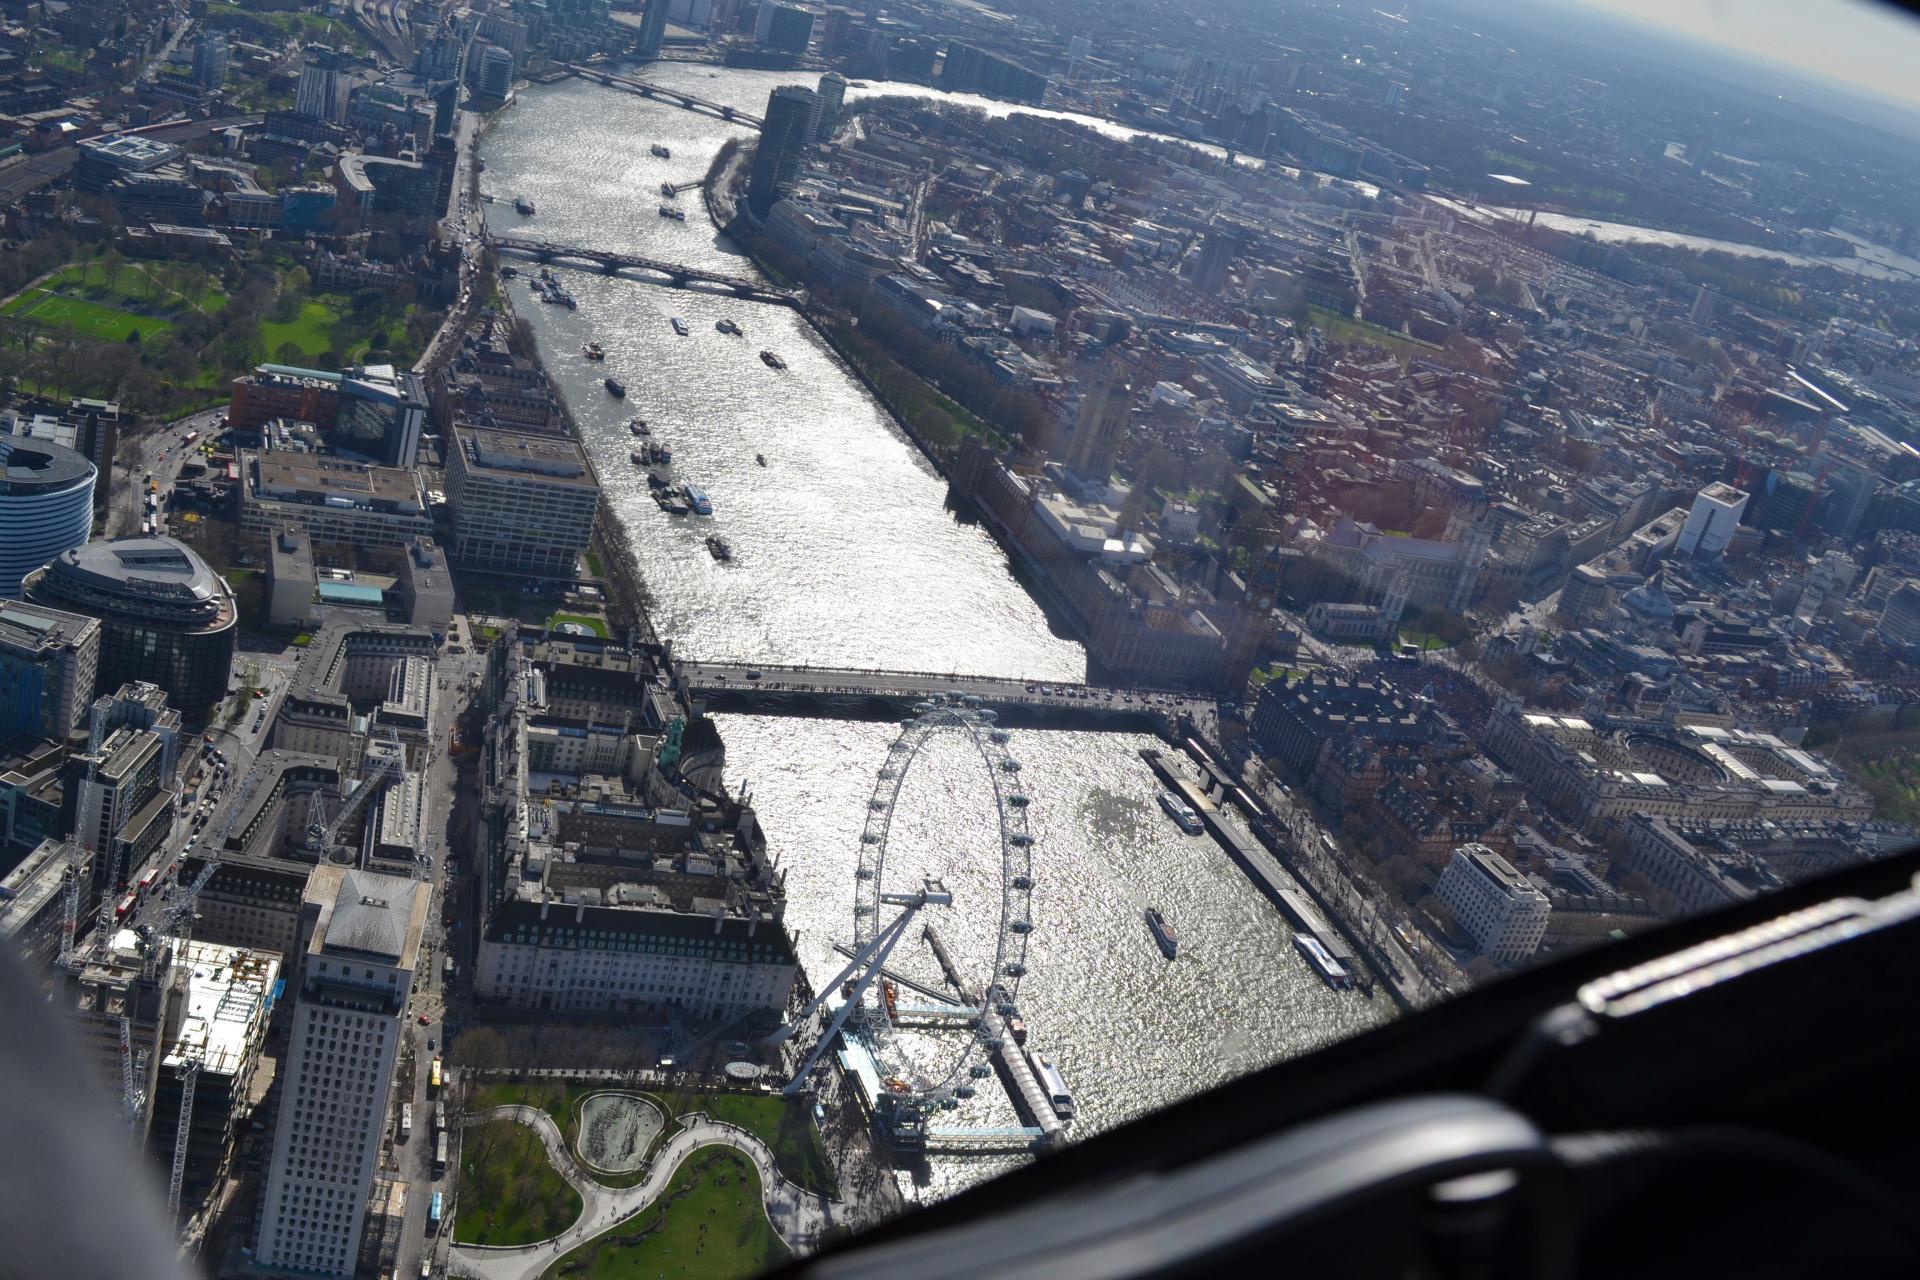 london-eye-desde-el-aire-londres-170621110448021